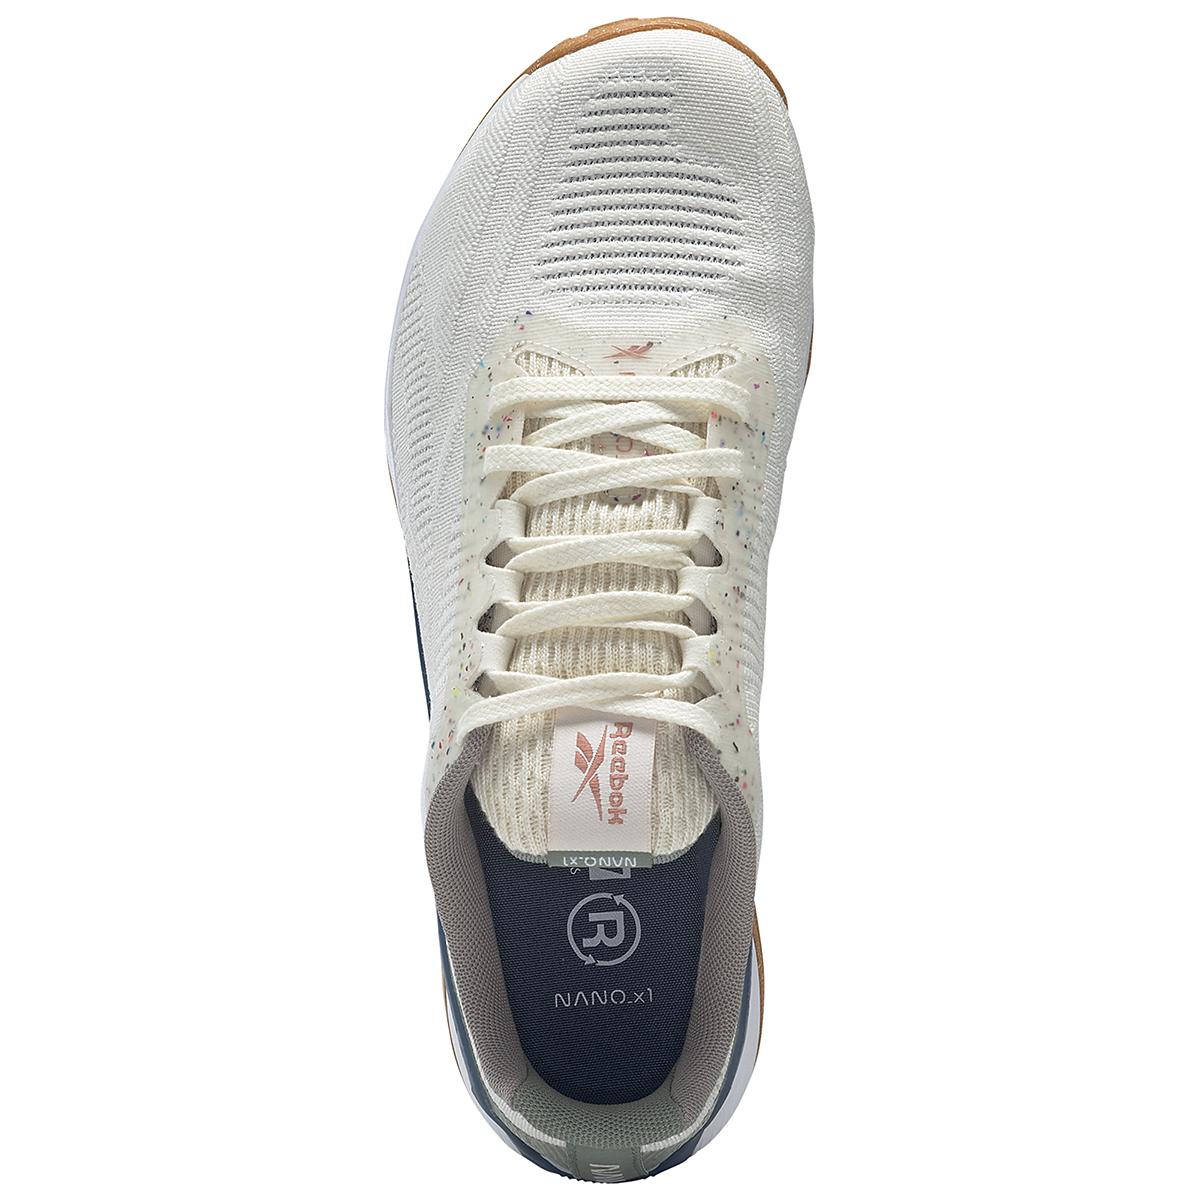 Men's Reebok Nano X1 Vegan Training Shoe - Color: Classic White/Harmony Green/Brave Blue - Size: 7.5 - Width: Regular, Classic White/Harmony Green/Brave Blue, large, image 7